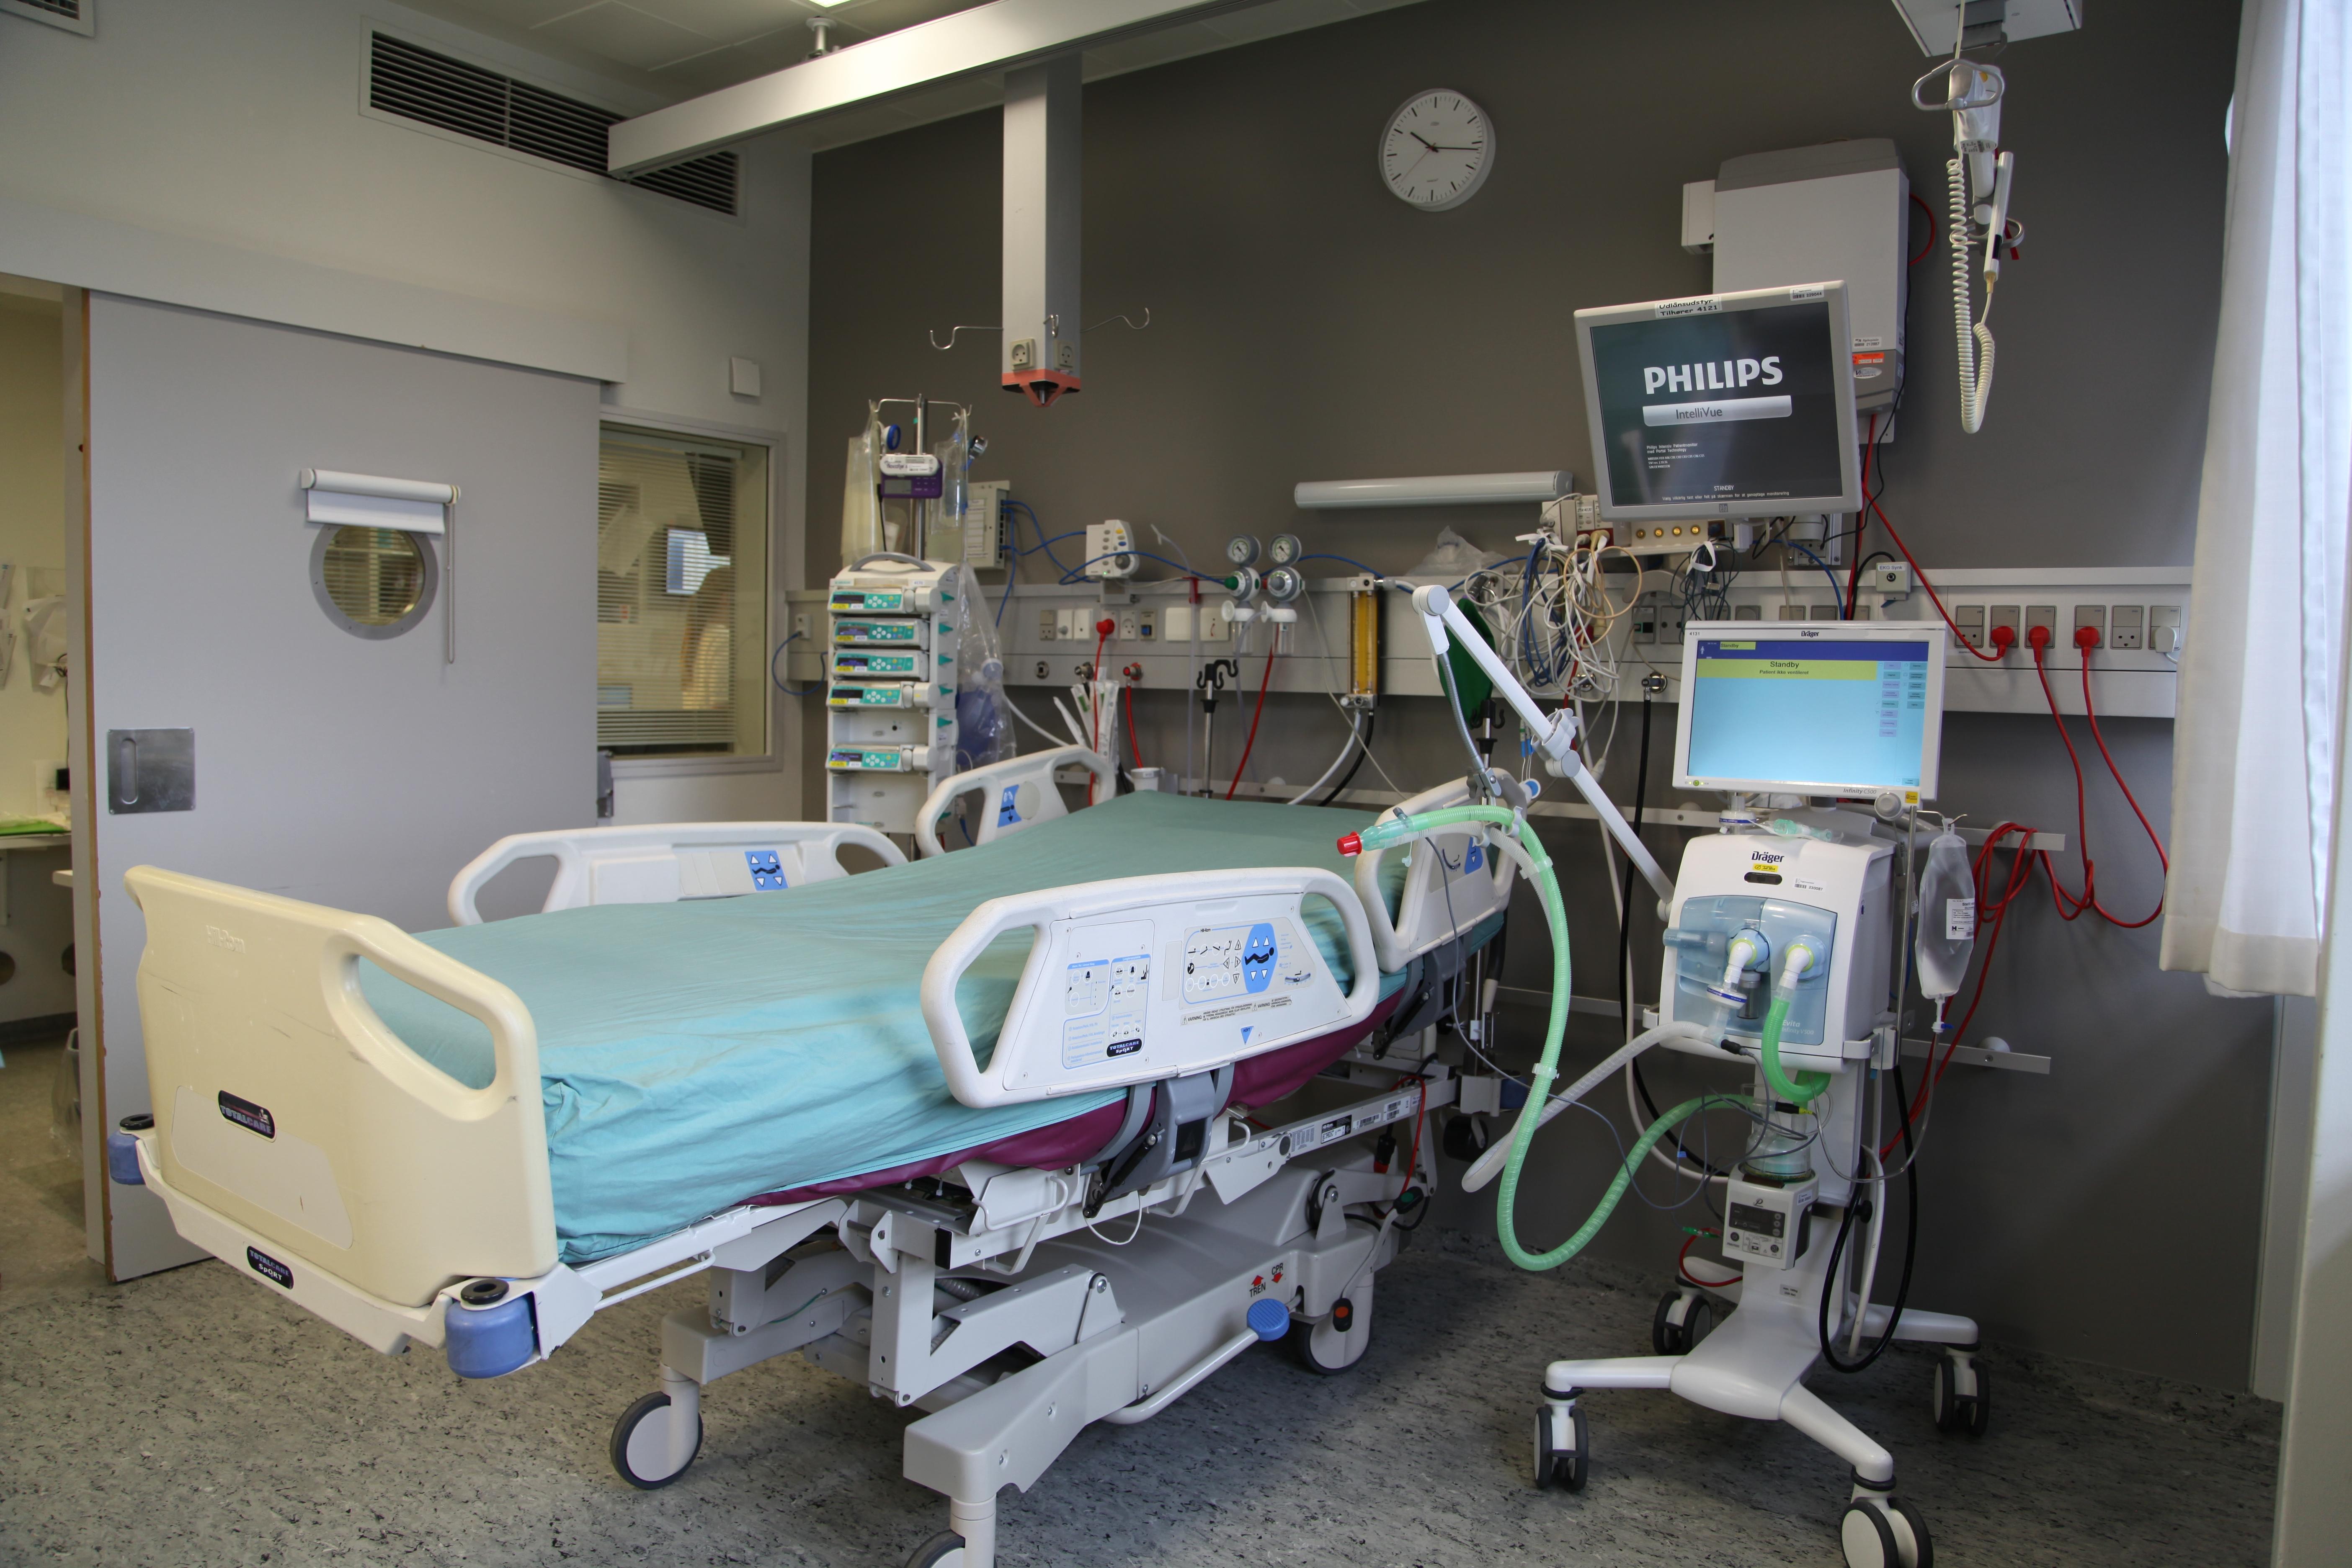 Stue på Intensivafdelingen på Rigshospitalet.